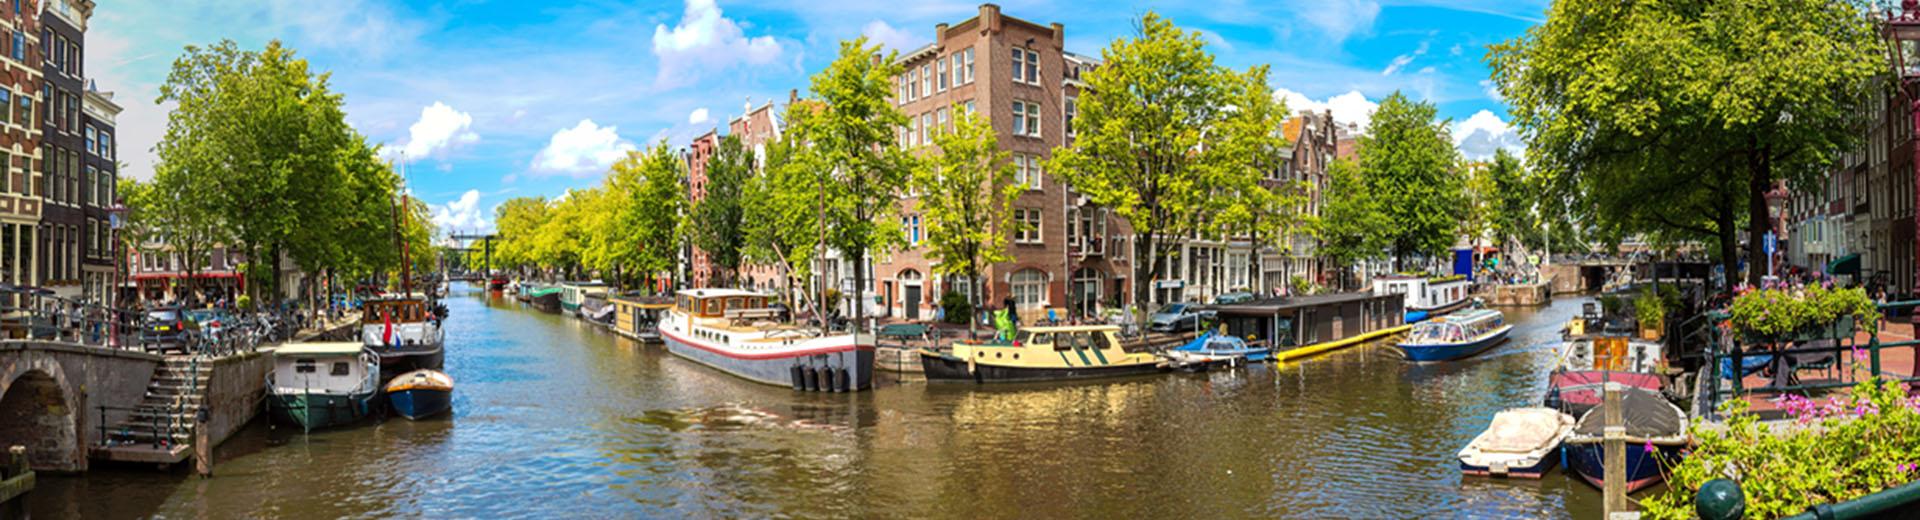 Voyage en groupe Amsterdam - offre classique vol